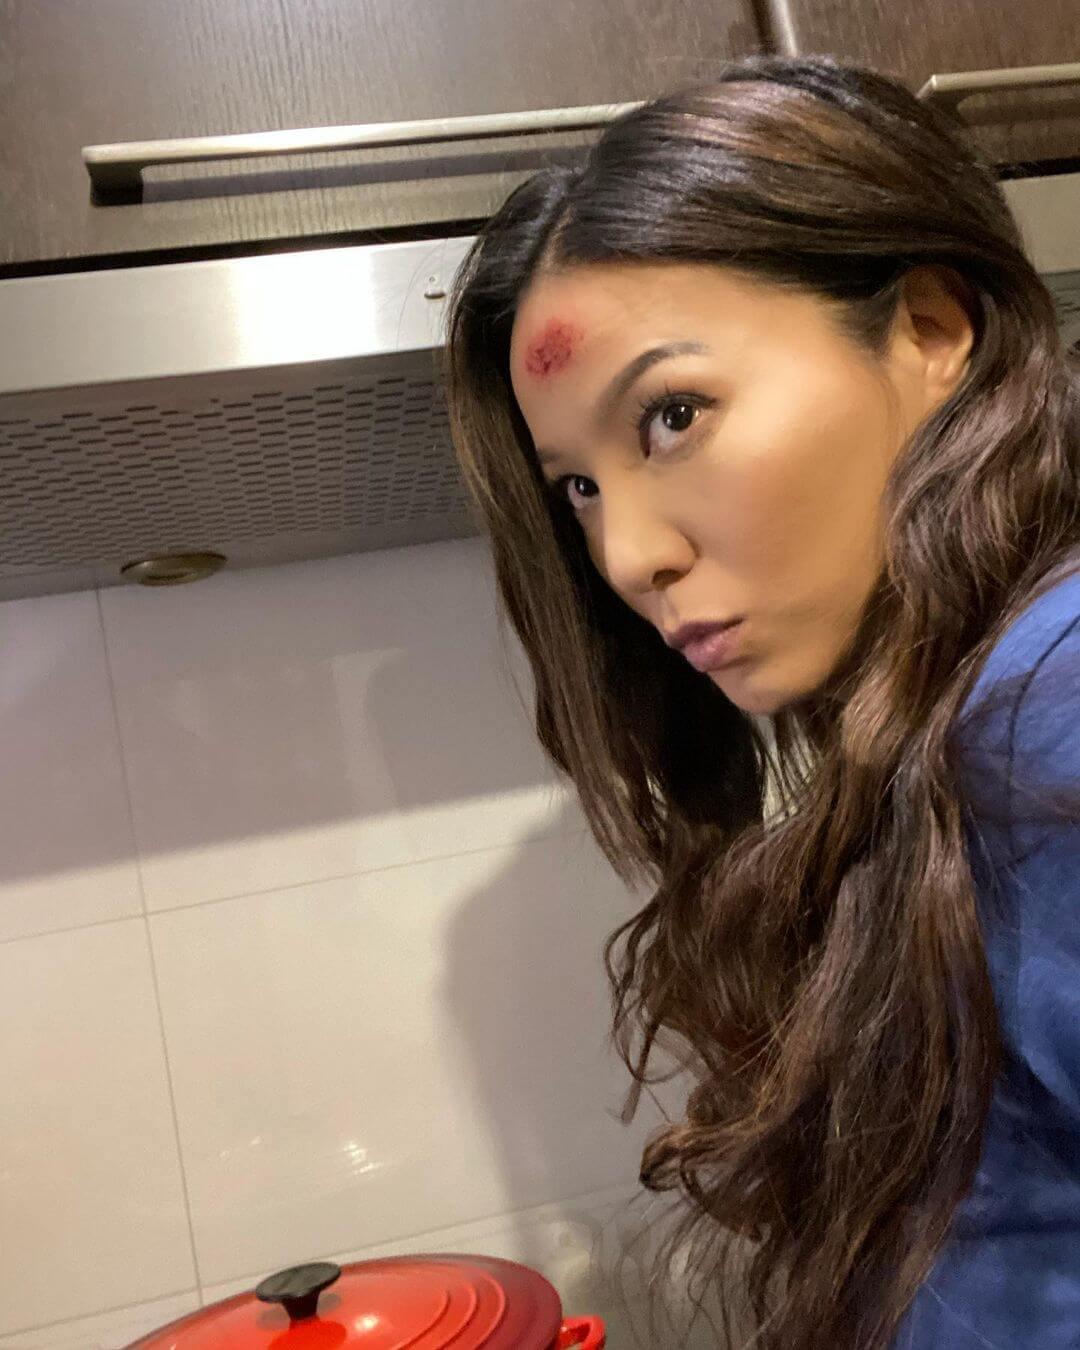 滕麗名去年拍攝《陀槍師姐2021》時忘記卸去特技化妝,把老公朱建崑嚇個半死。